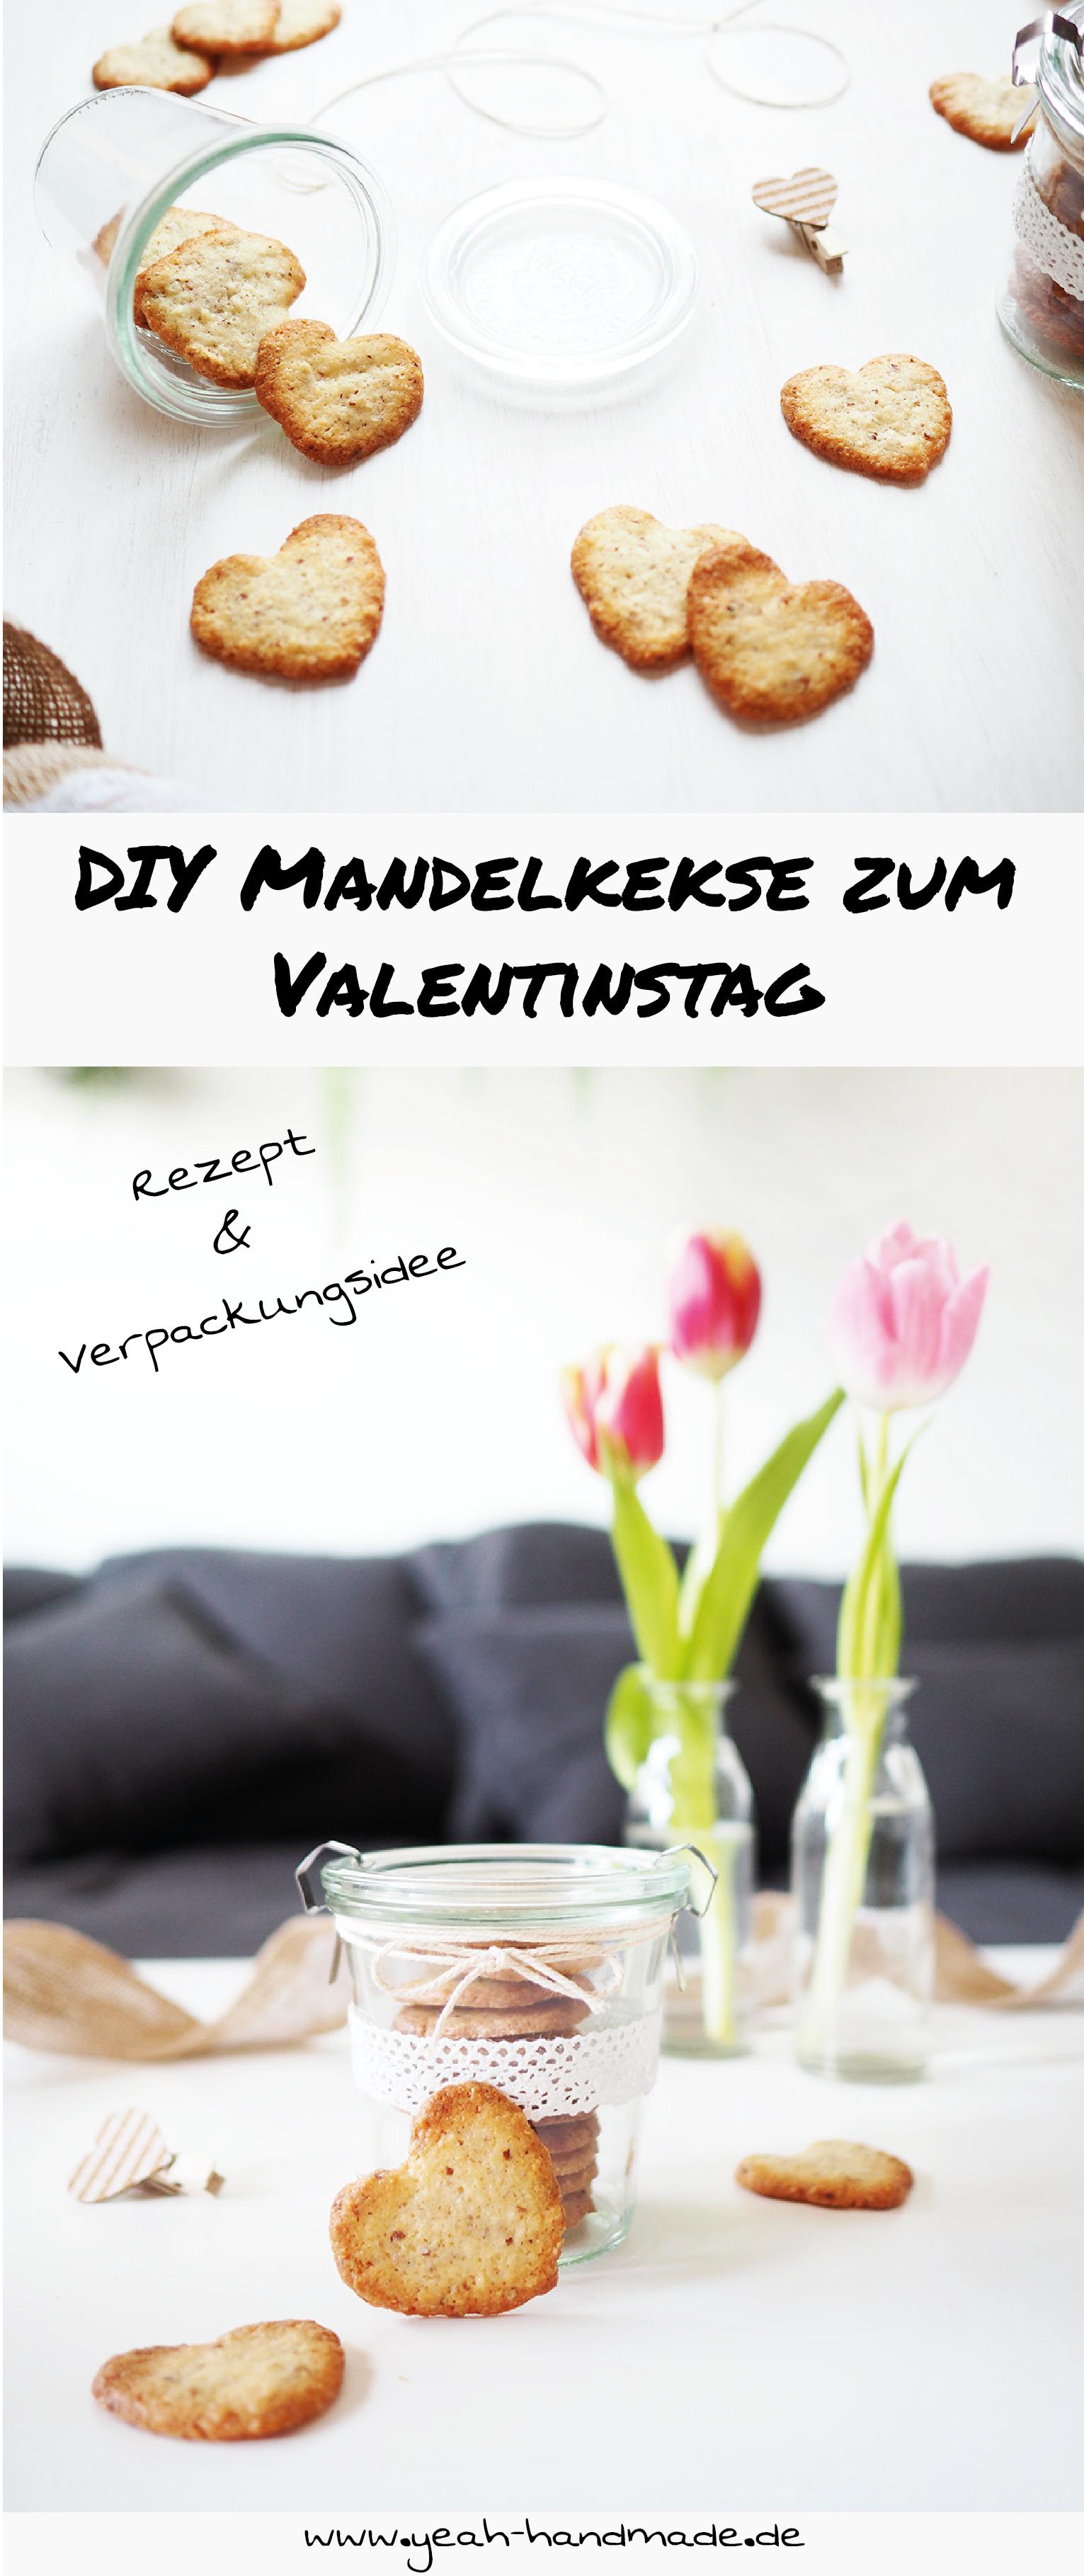 DIY Herförmige Mandelkekse zum Valentinstag